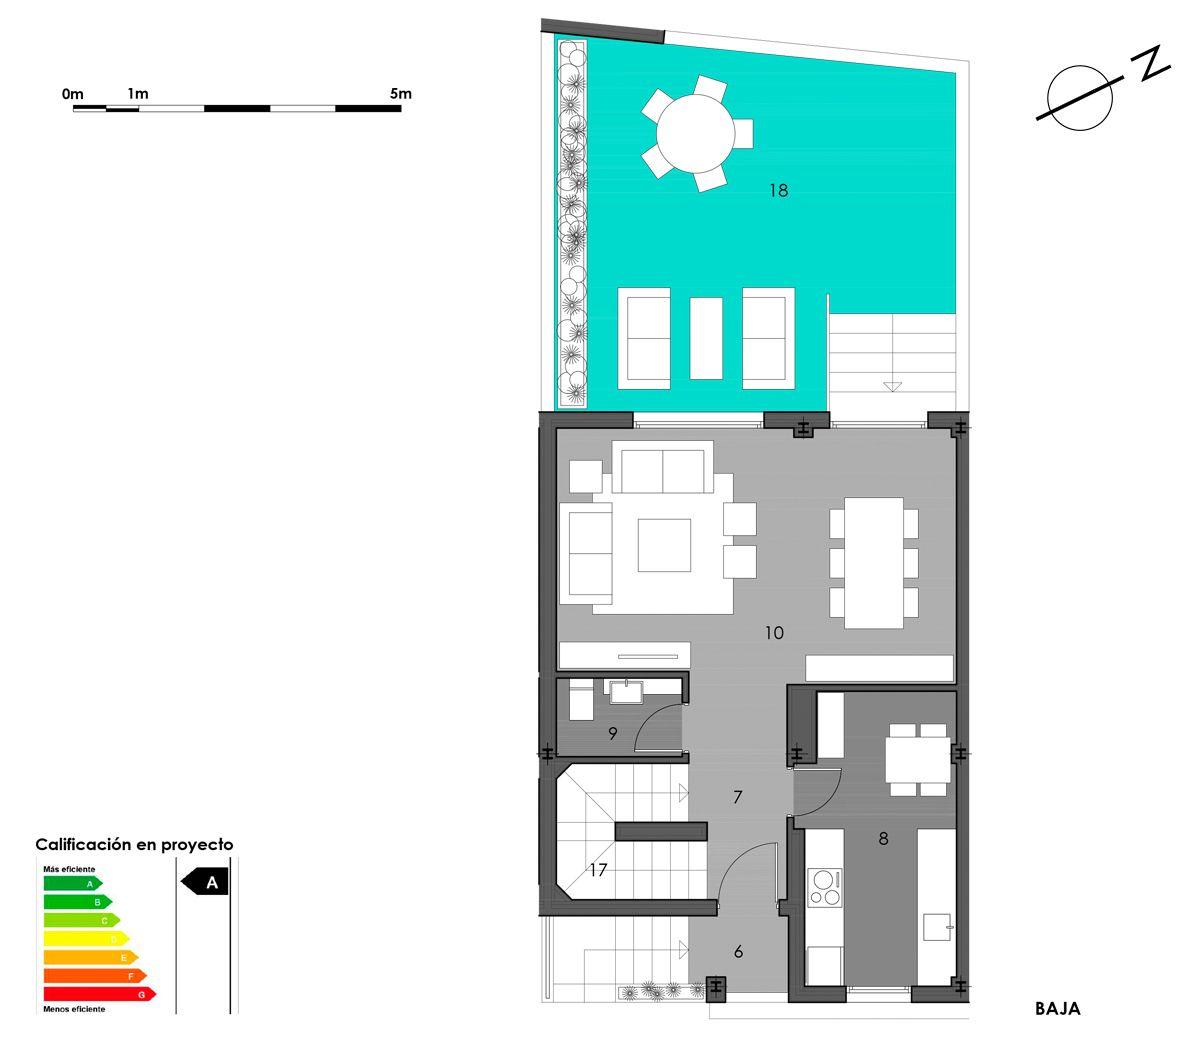 planta baja vivienda 7 opción cocina cerrada